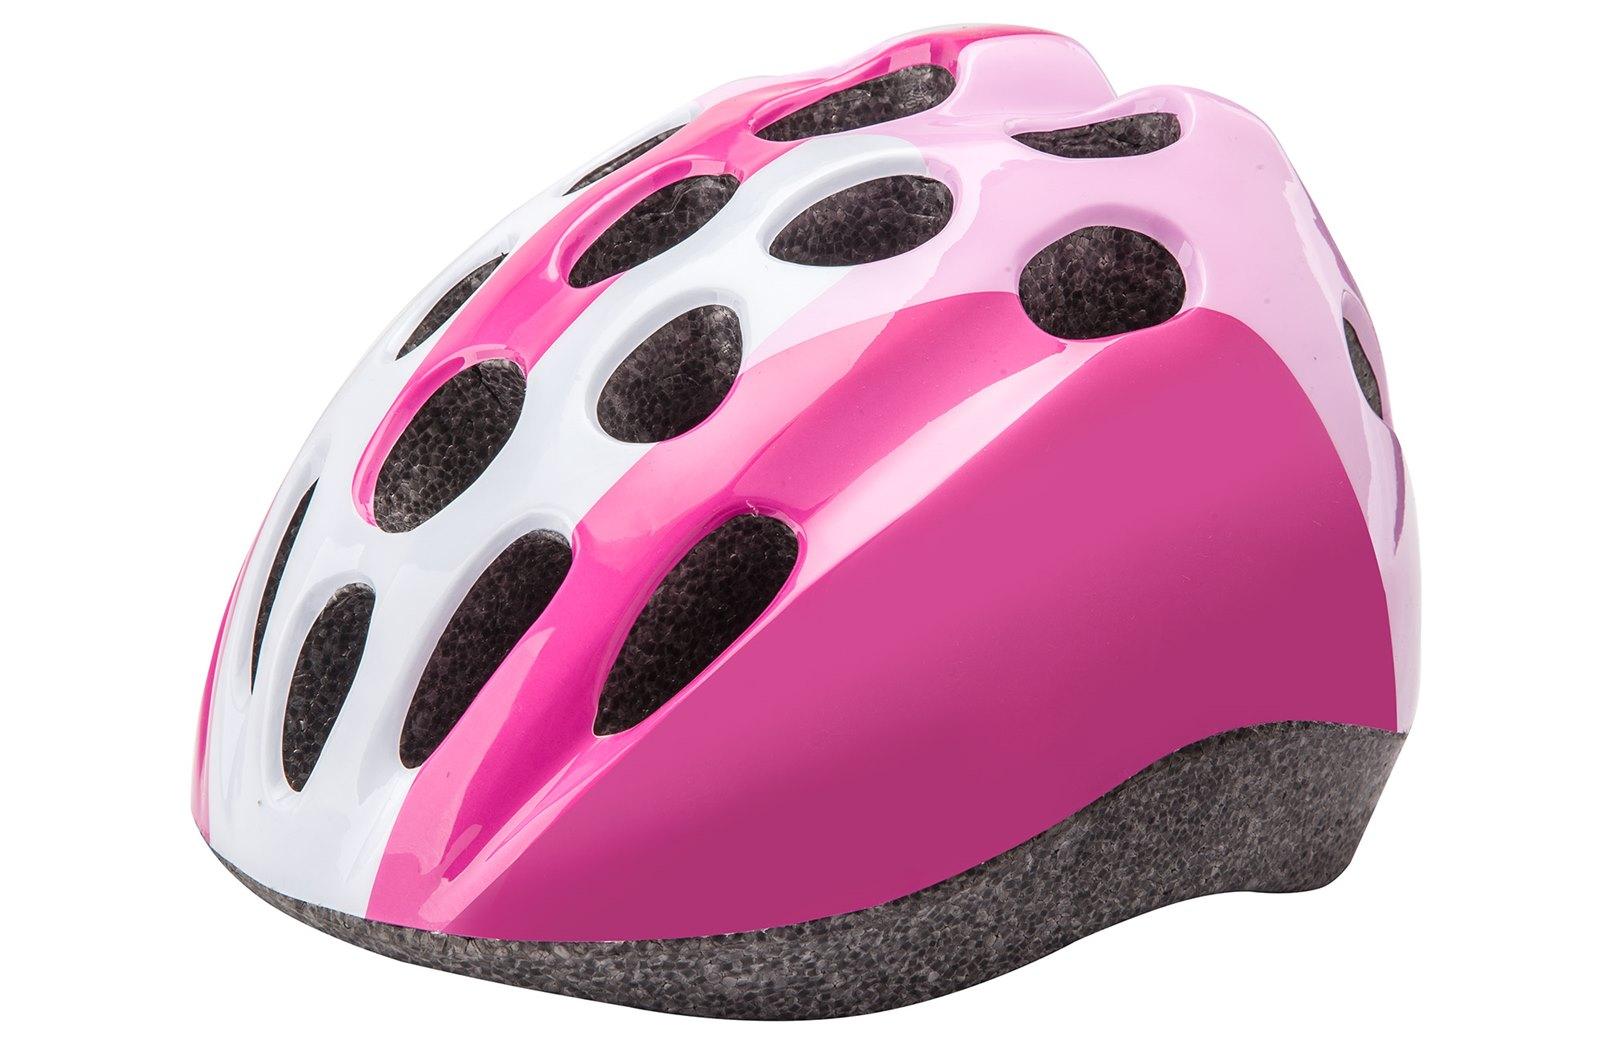 Детский защитный шлем HB5-3_a (out mold) бело-розовый